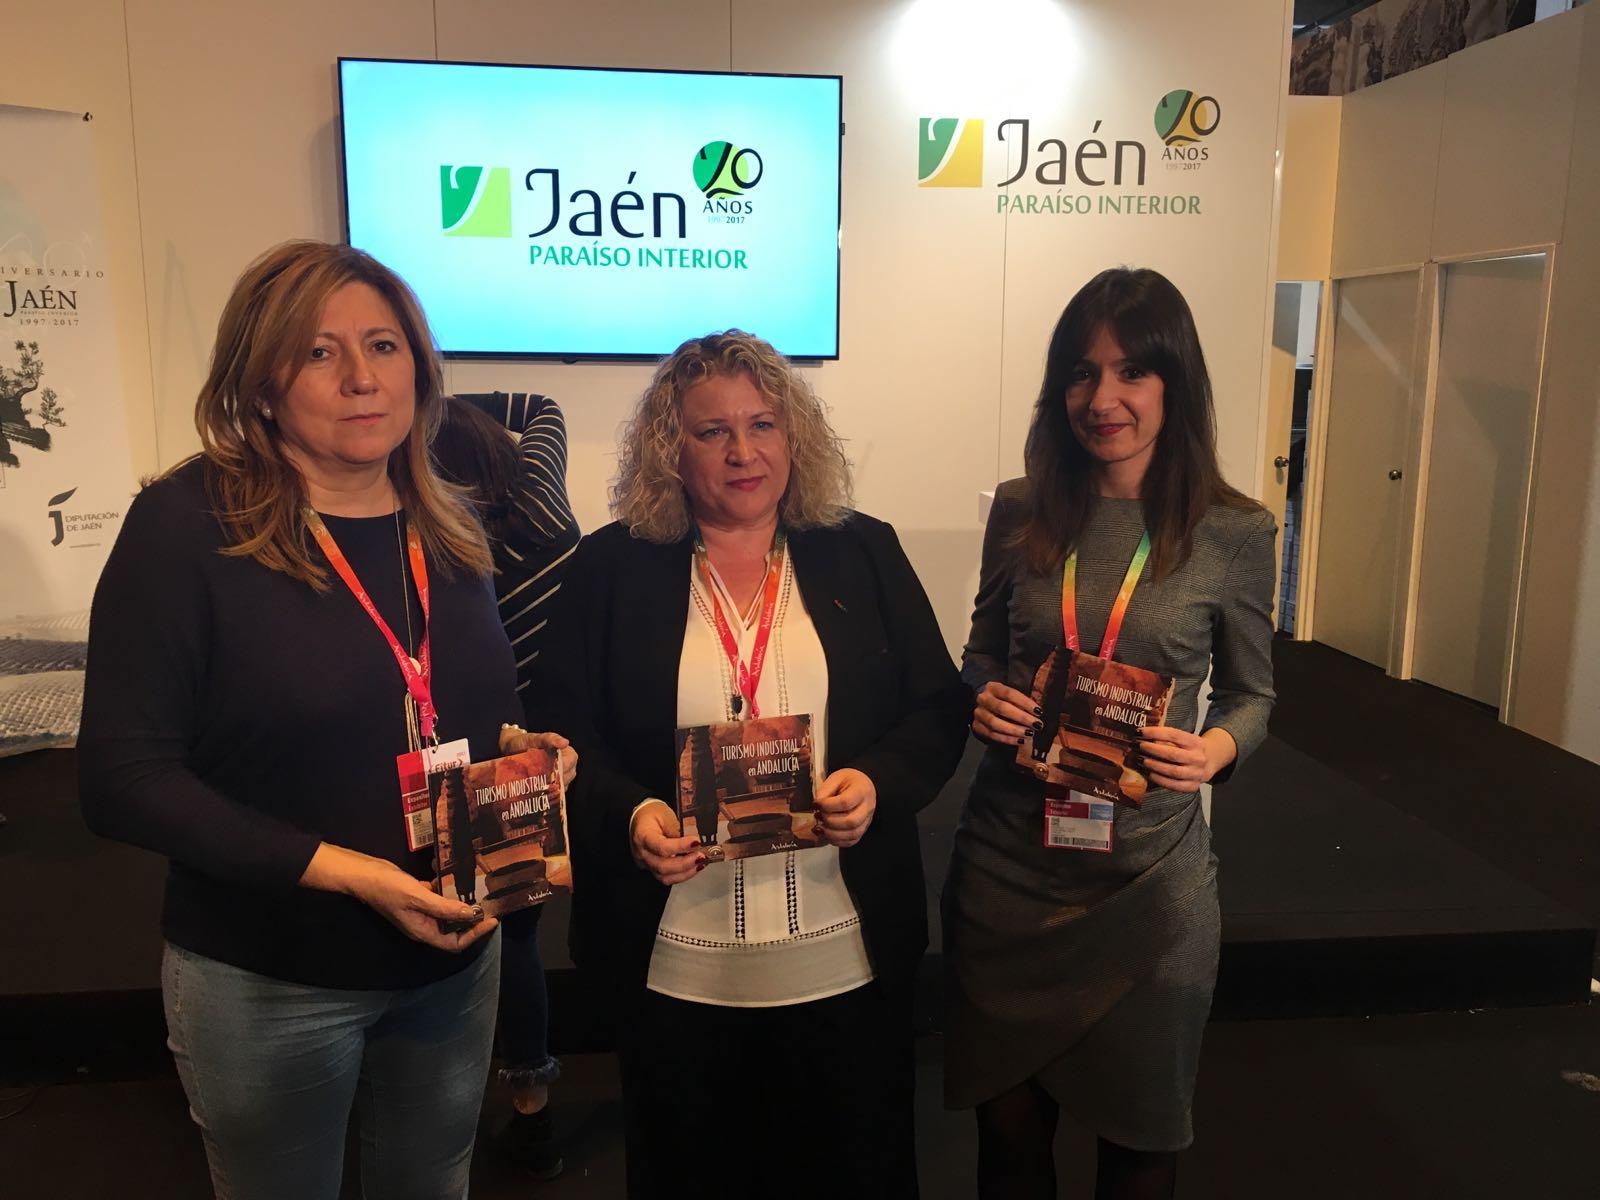 La Junta presenta en Fitur la nueva guía sobre Turismo Industrial de la provincia de Jaén, una de la